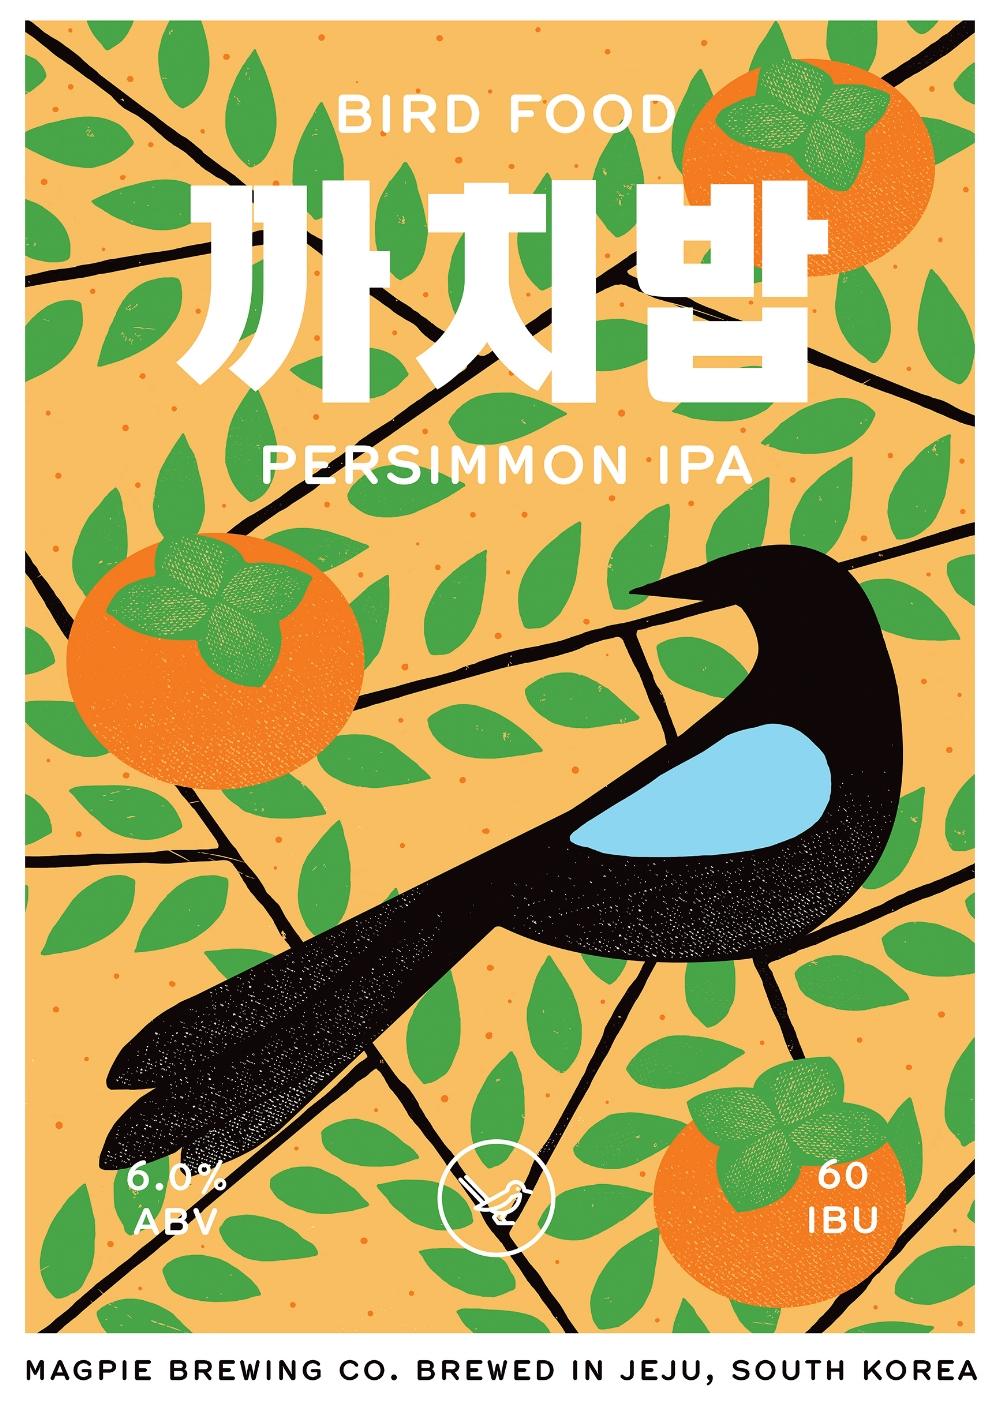 bird_food.jpg